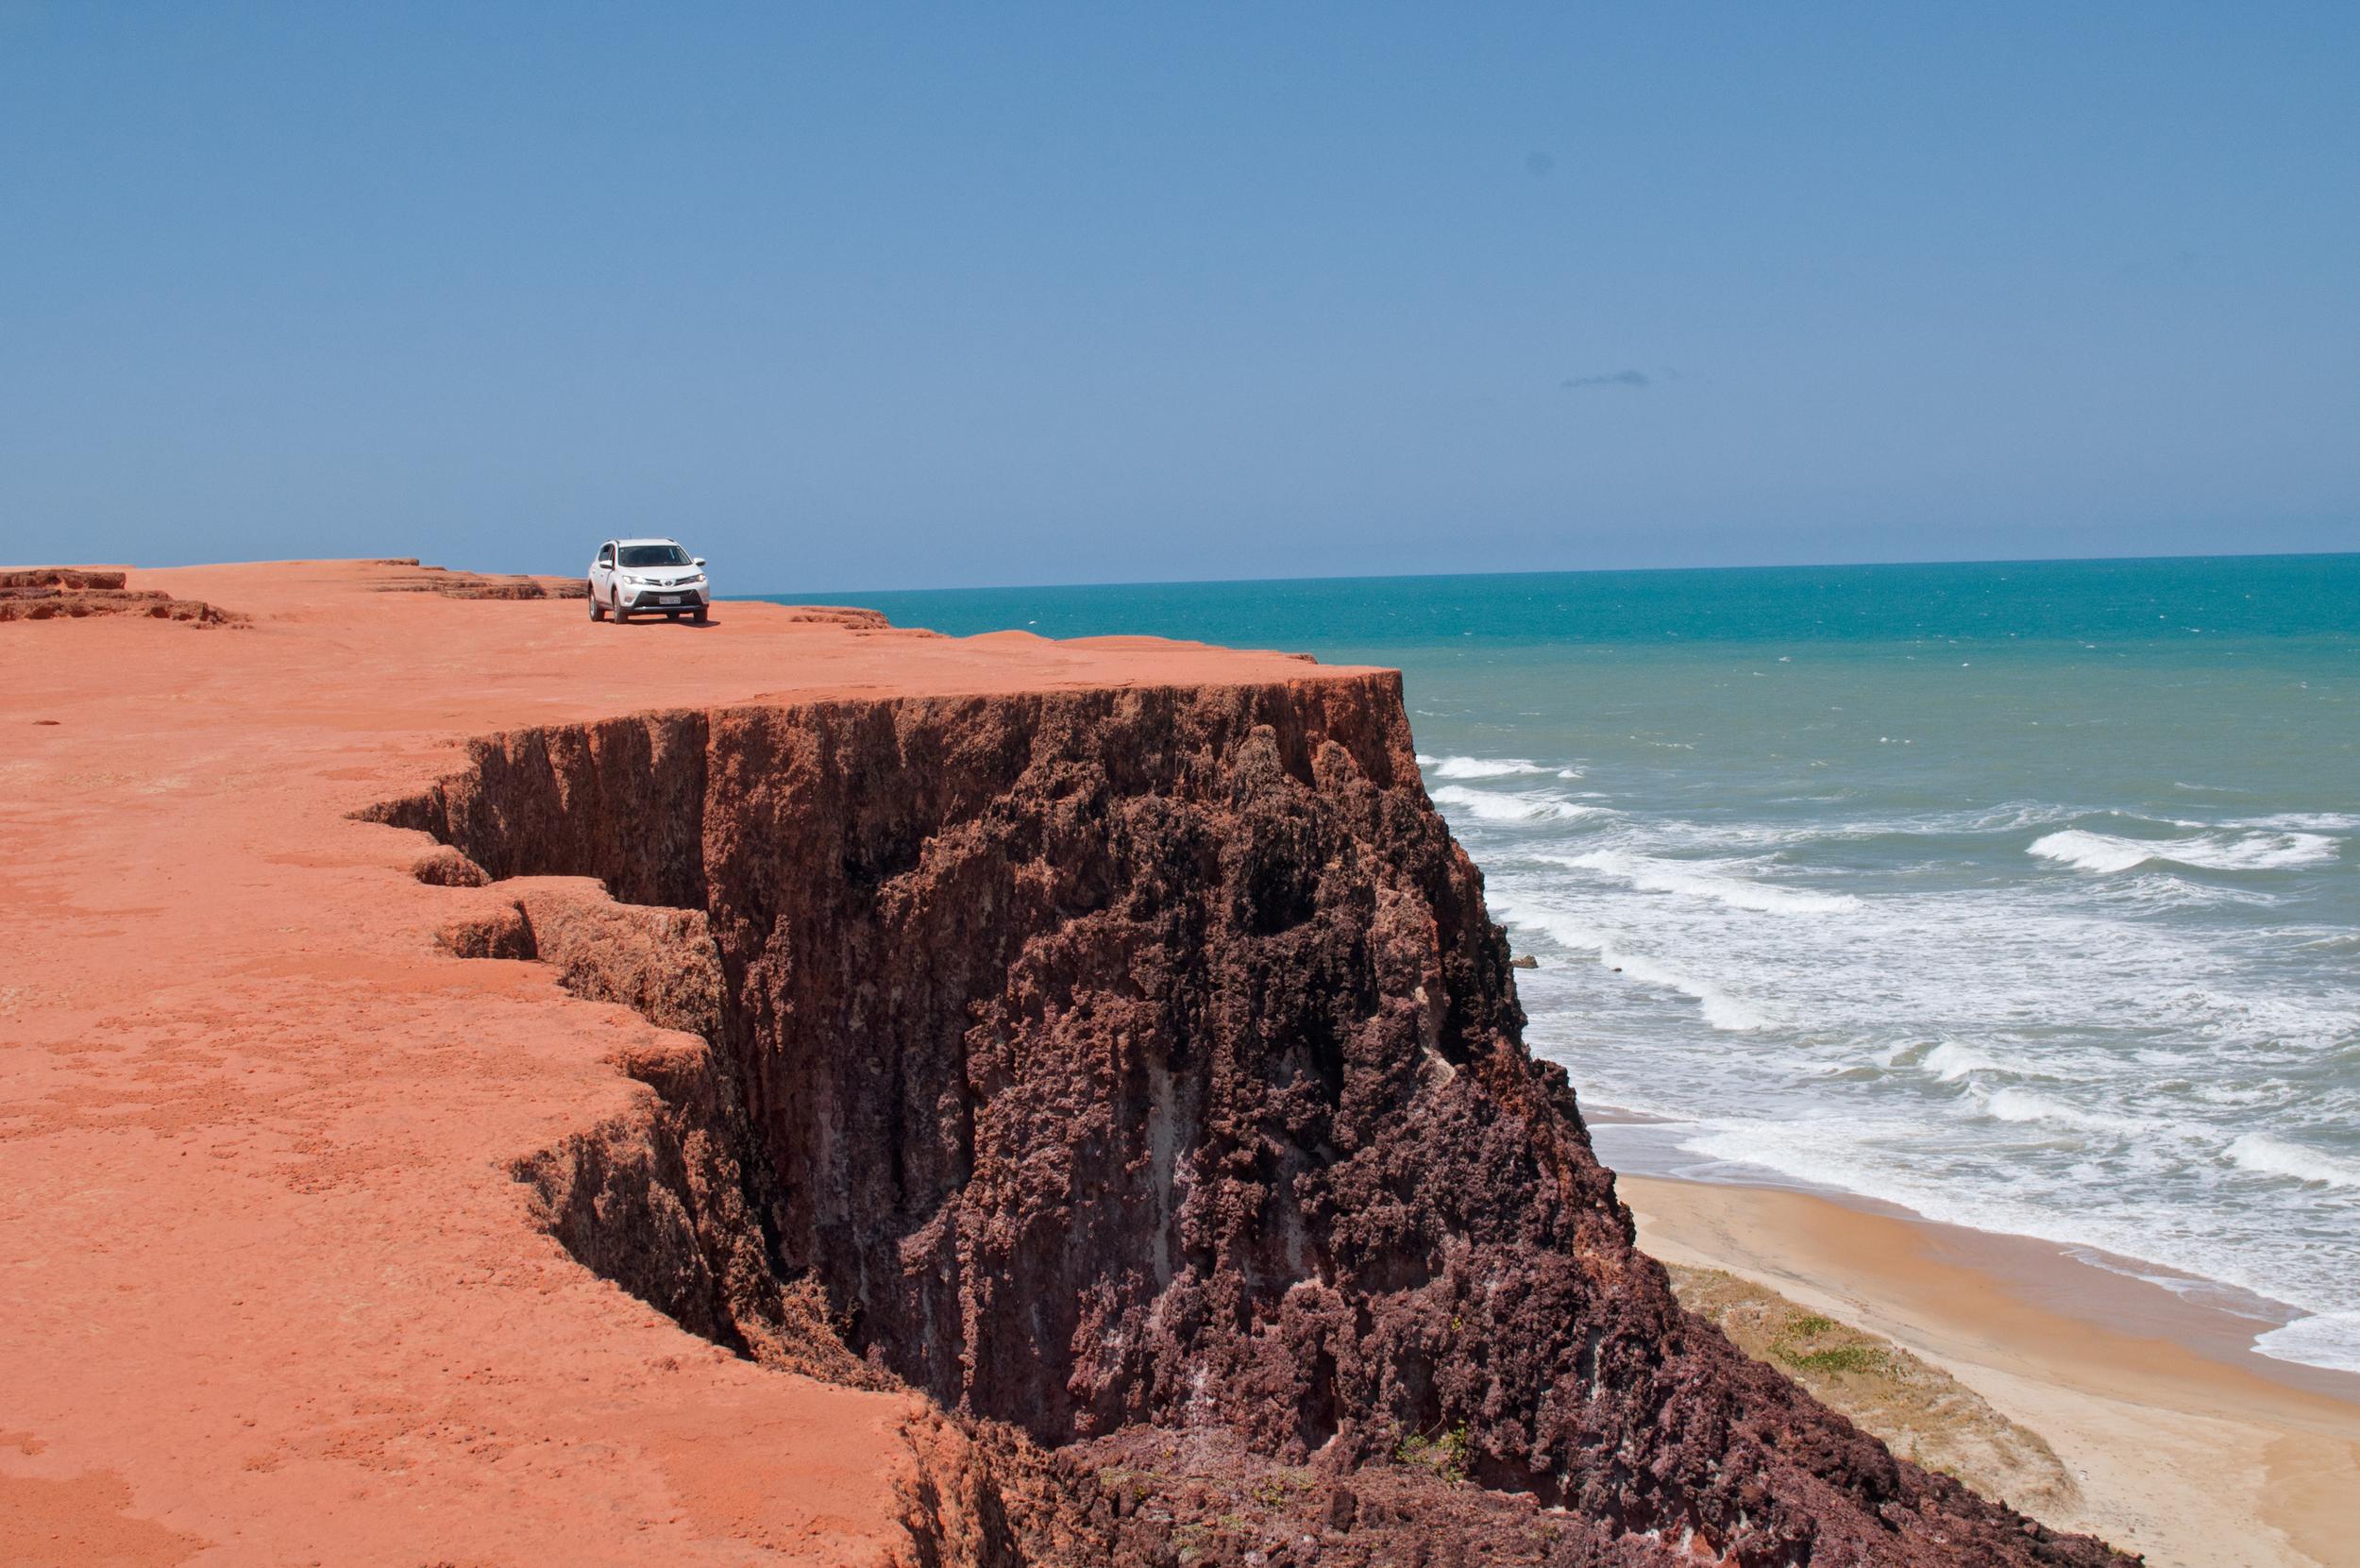 Surf, caipirinhas y delfines   Acantilados y cientos de kilómetros de playas en la costa de Pipa   IR